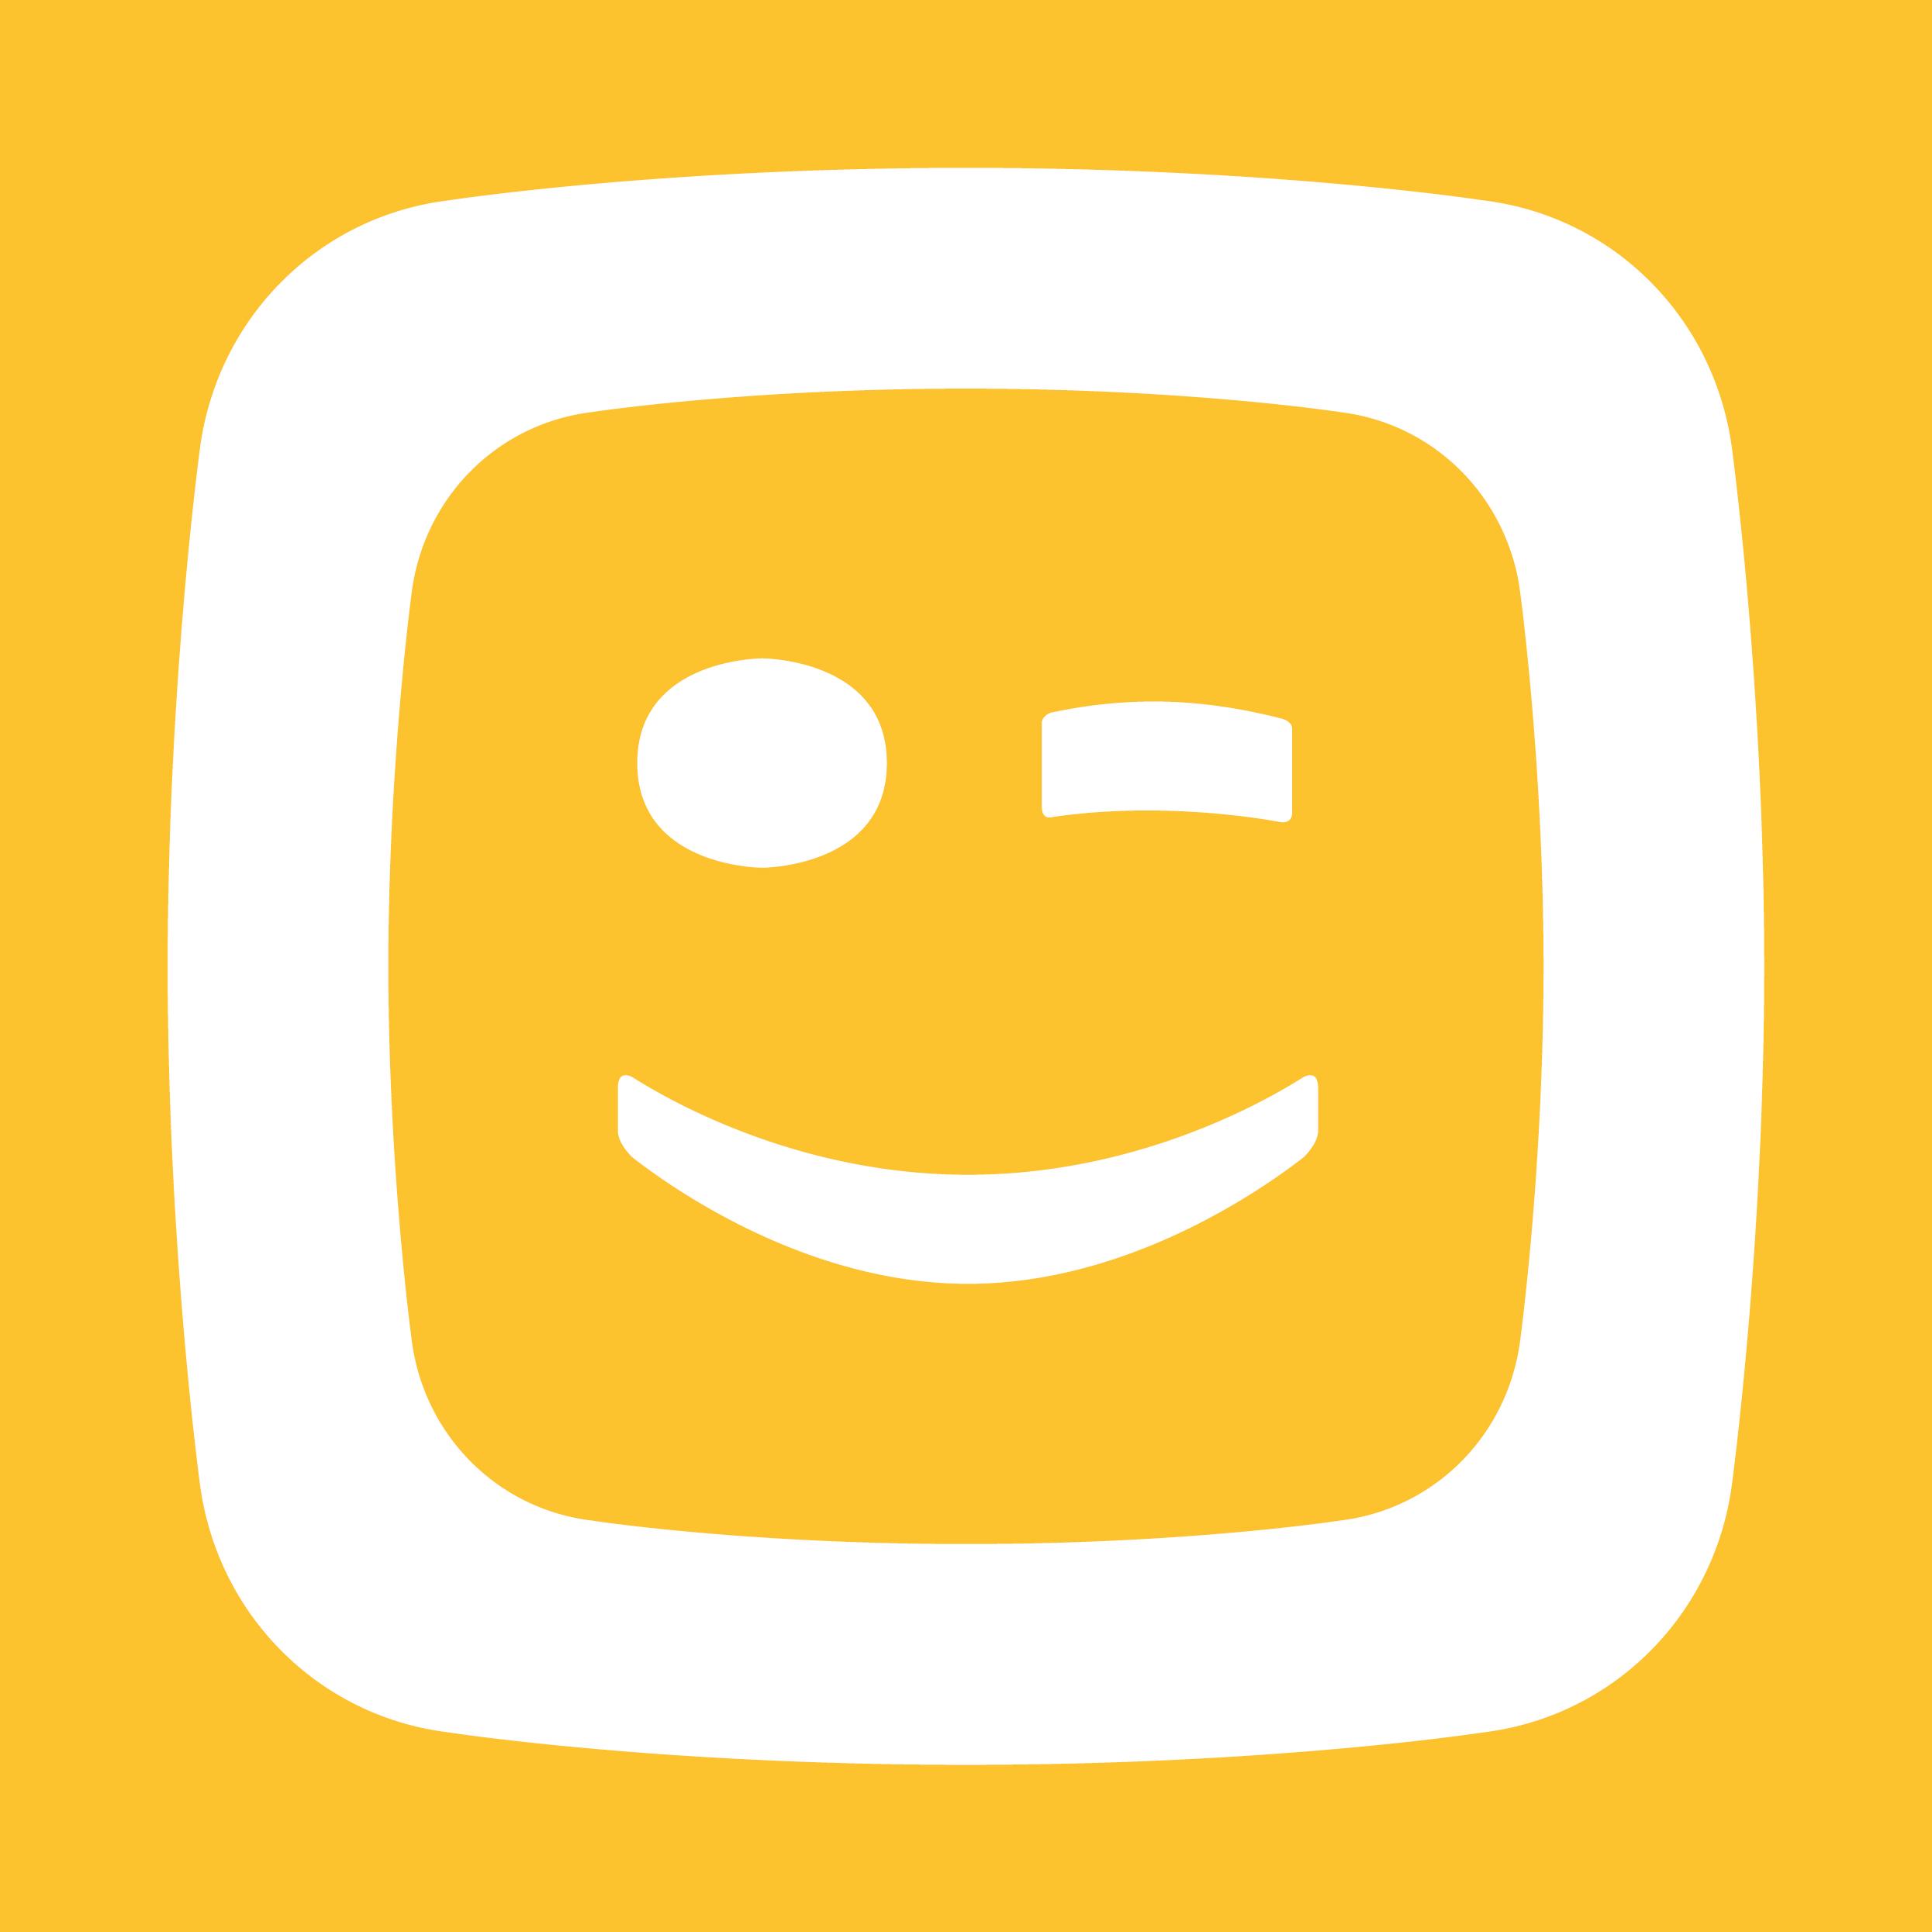 Telenet Logos.